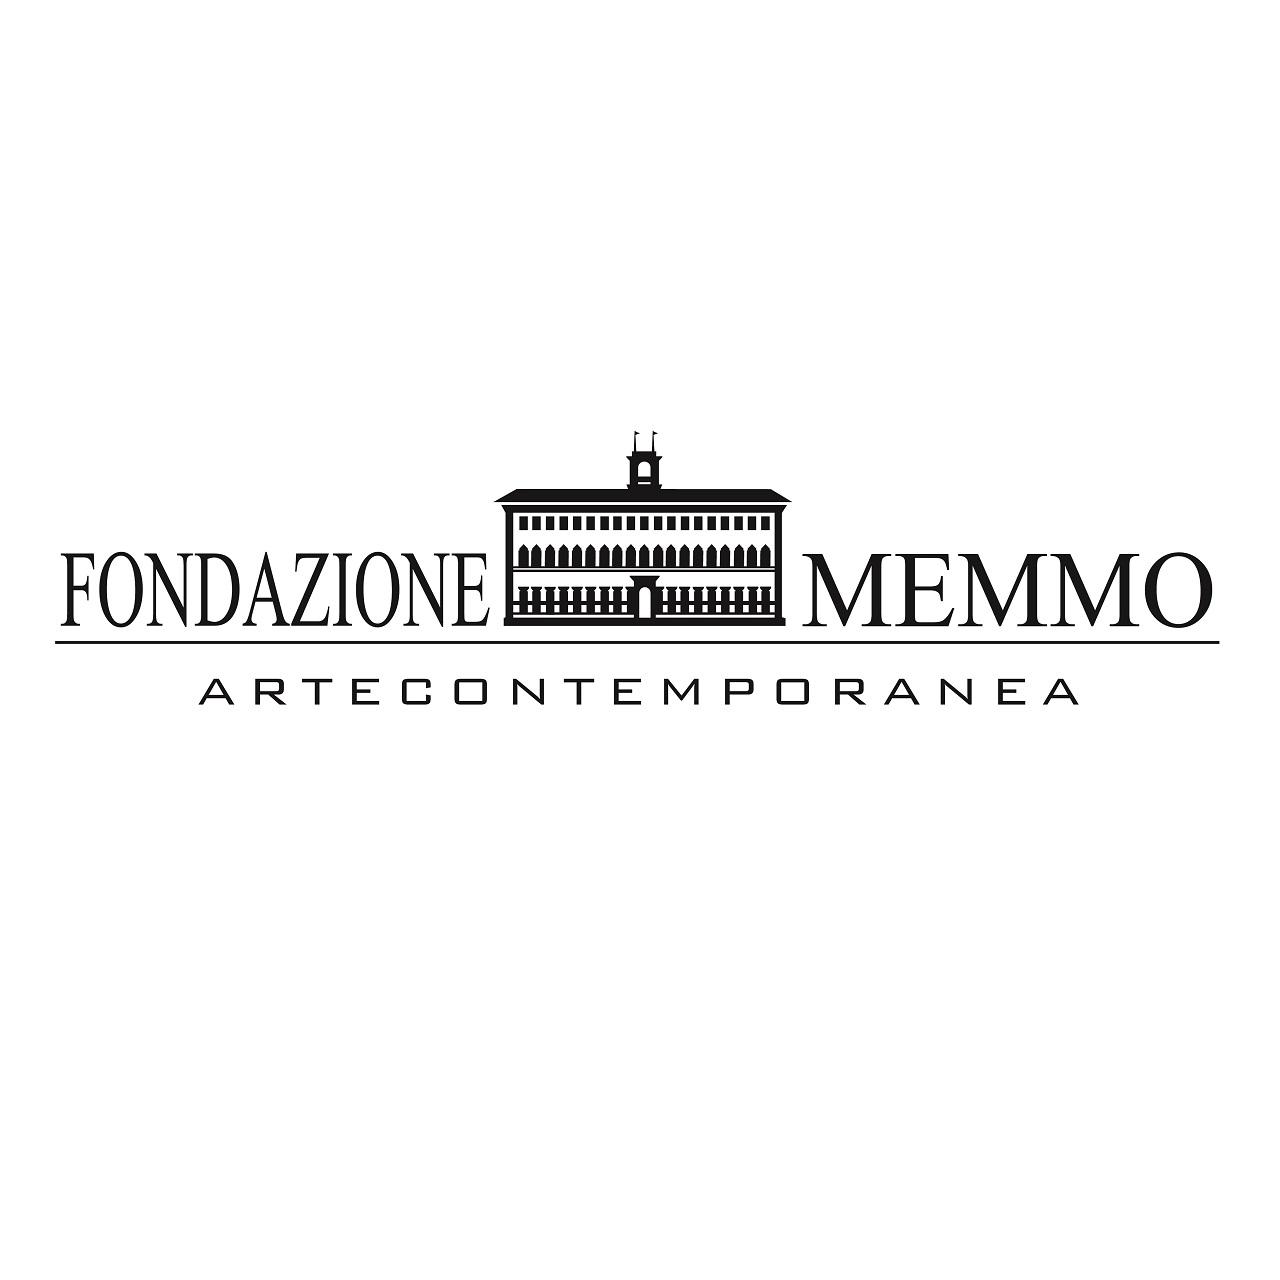 Fondazione Memmo